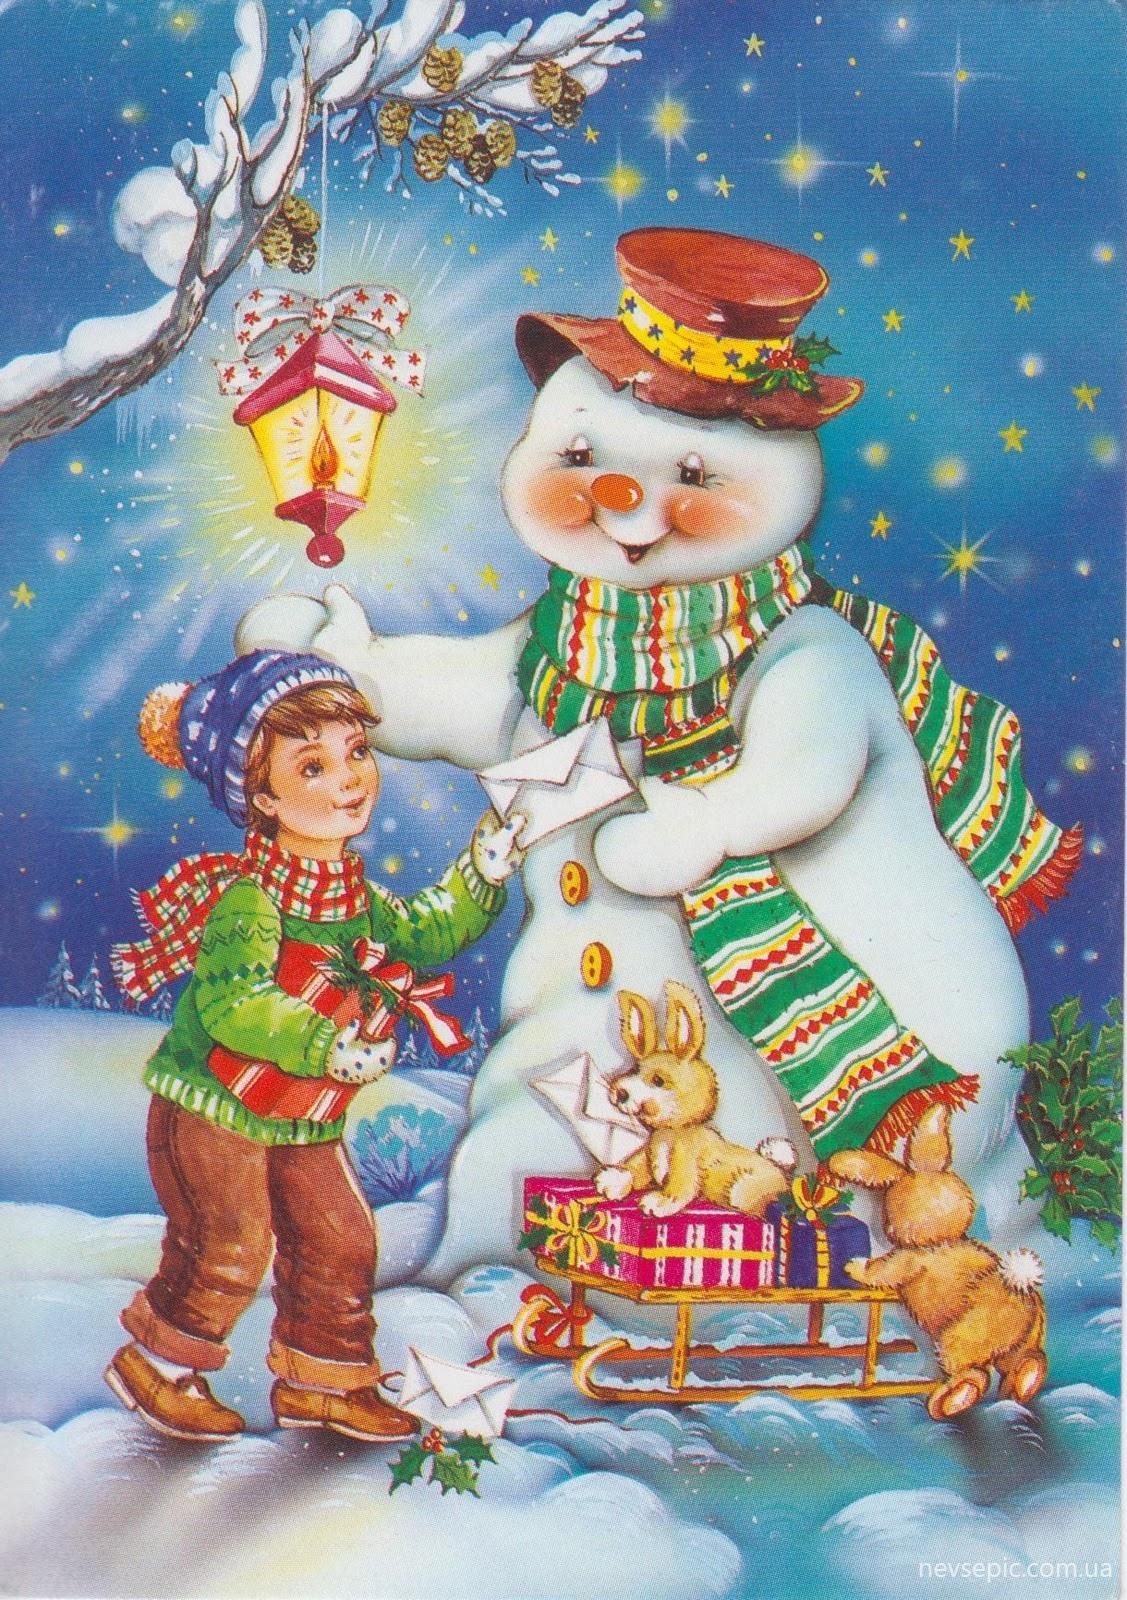 Фото открыток к новому году